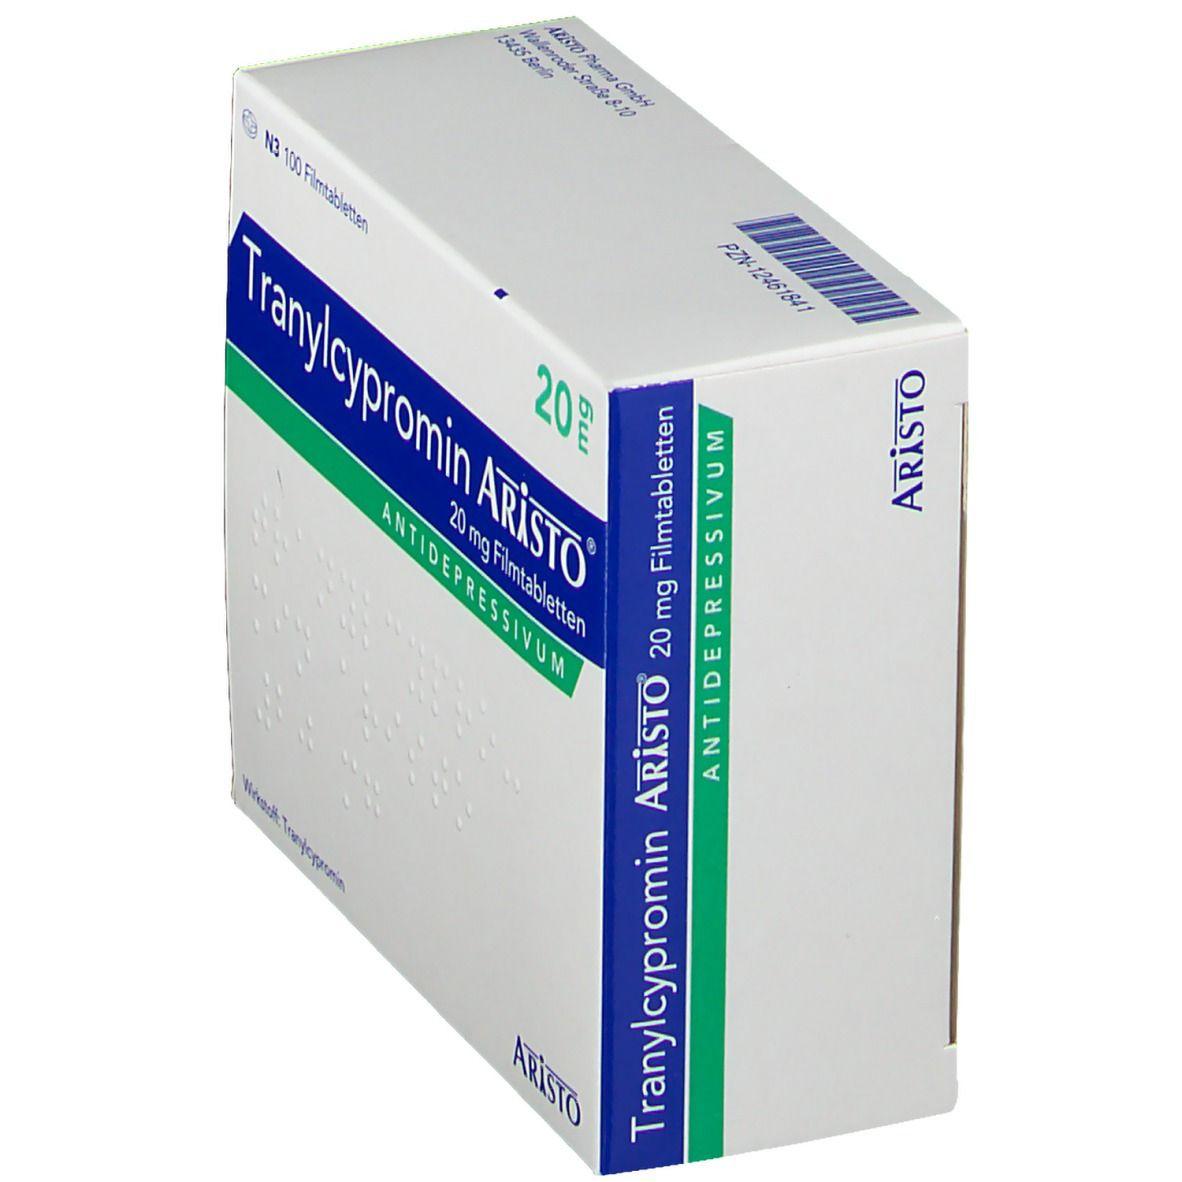 TRANYLCYPROMIN Aristo 20 mg Filmtabletten